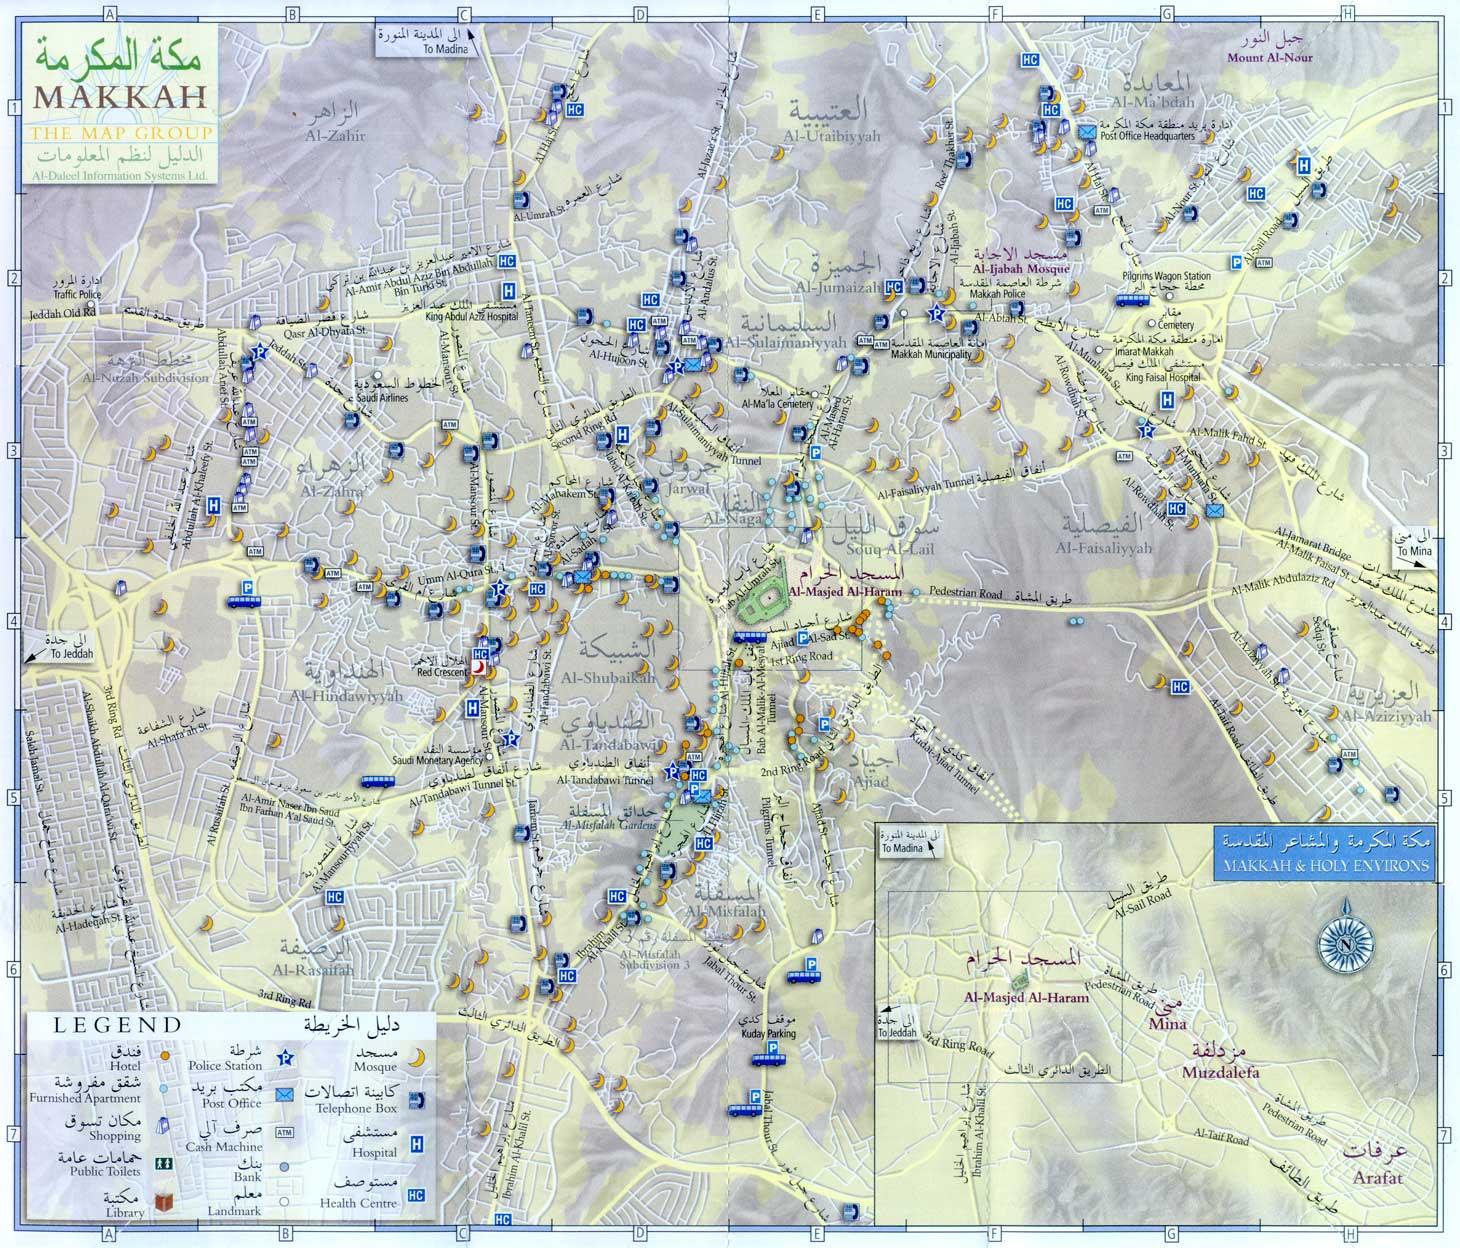 خريطتان ..المدينة المنورة...مكة المكرمة رائعة Dbed6a4d00